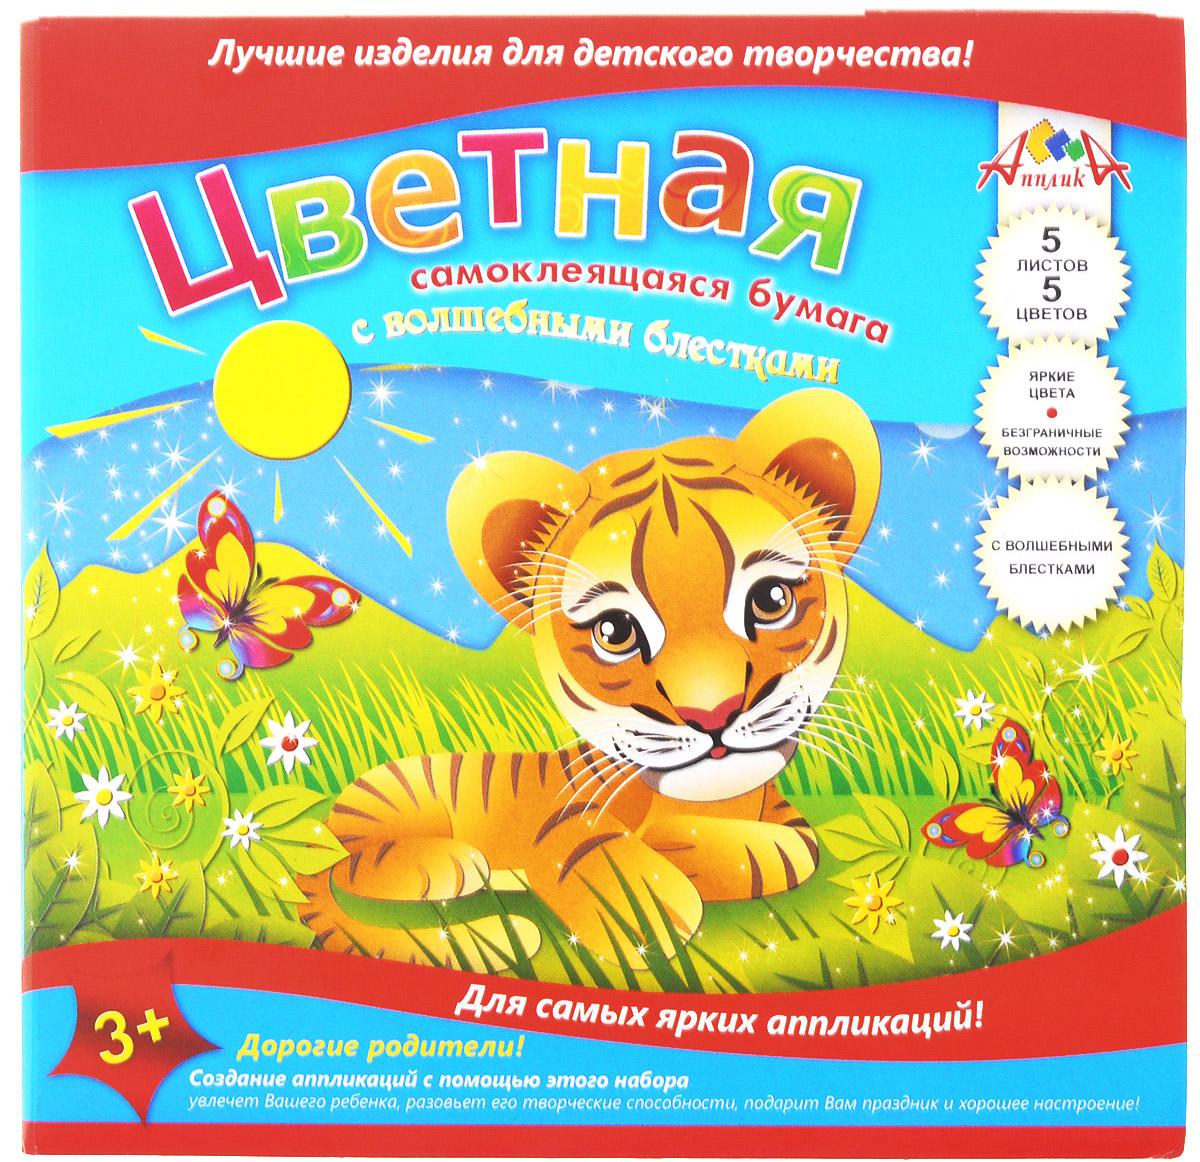 Апплика Цветная бумага самоклеящаяся с блестками Тигренок и бабочки 5 листов artspace бумага цветная самоклеящаяся 10 листов 10 цветов